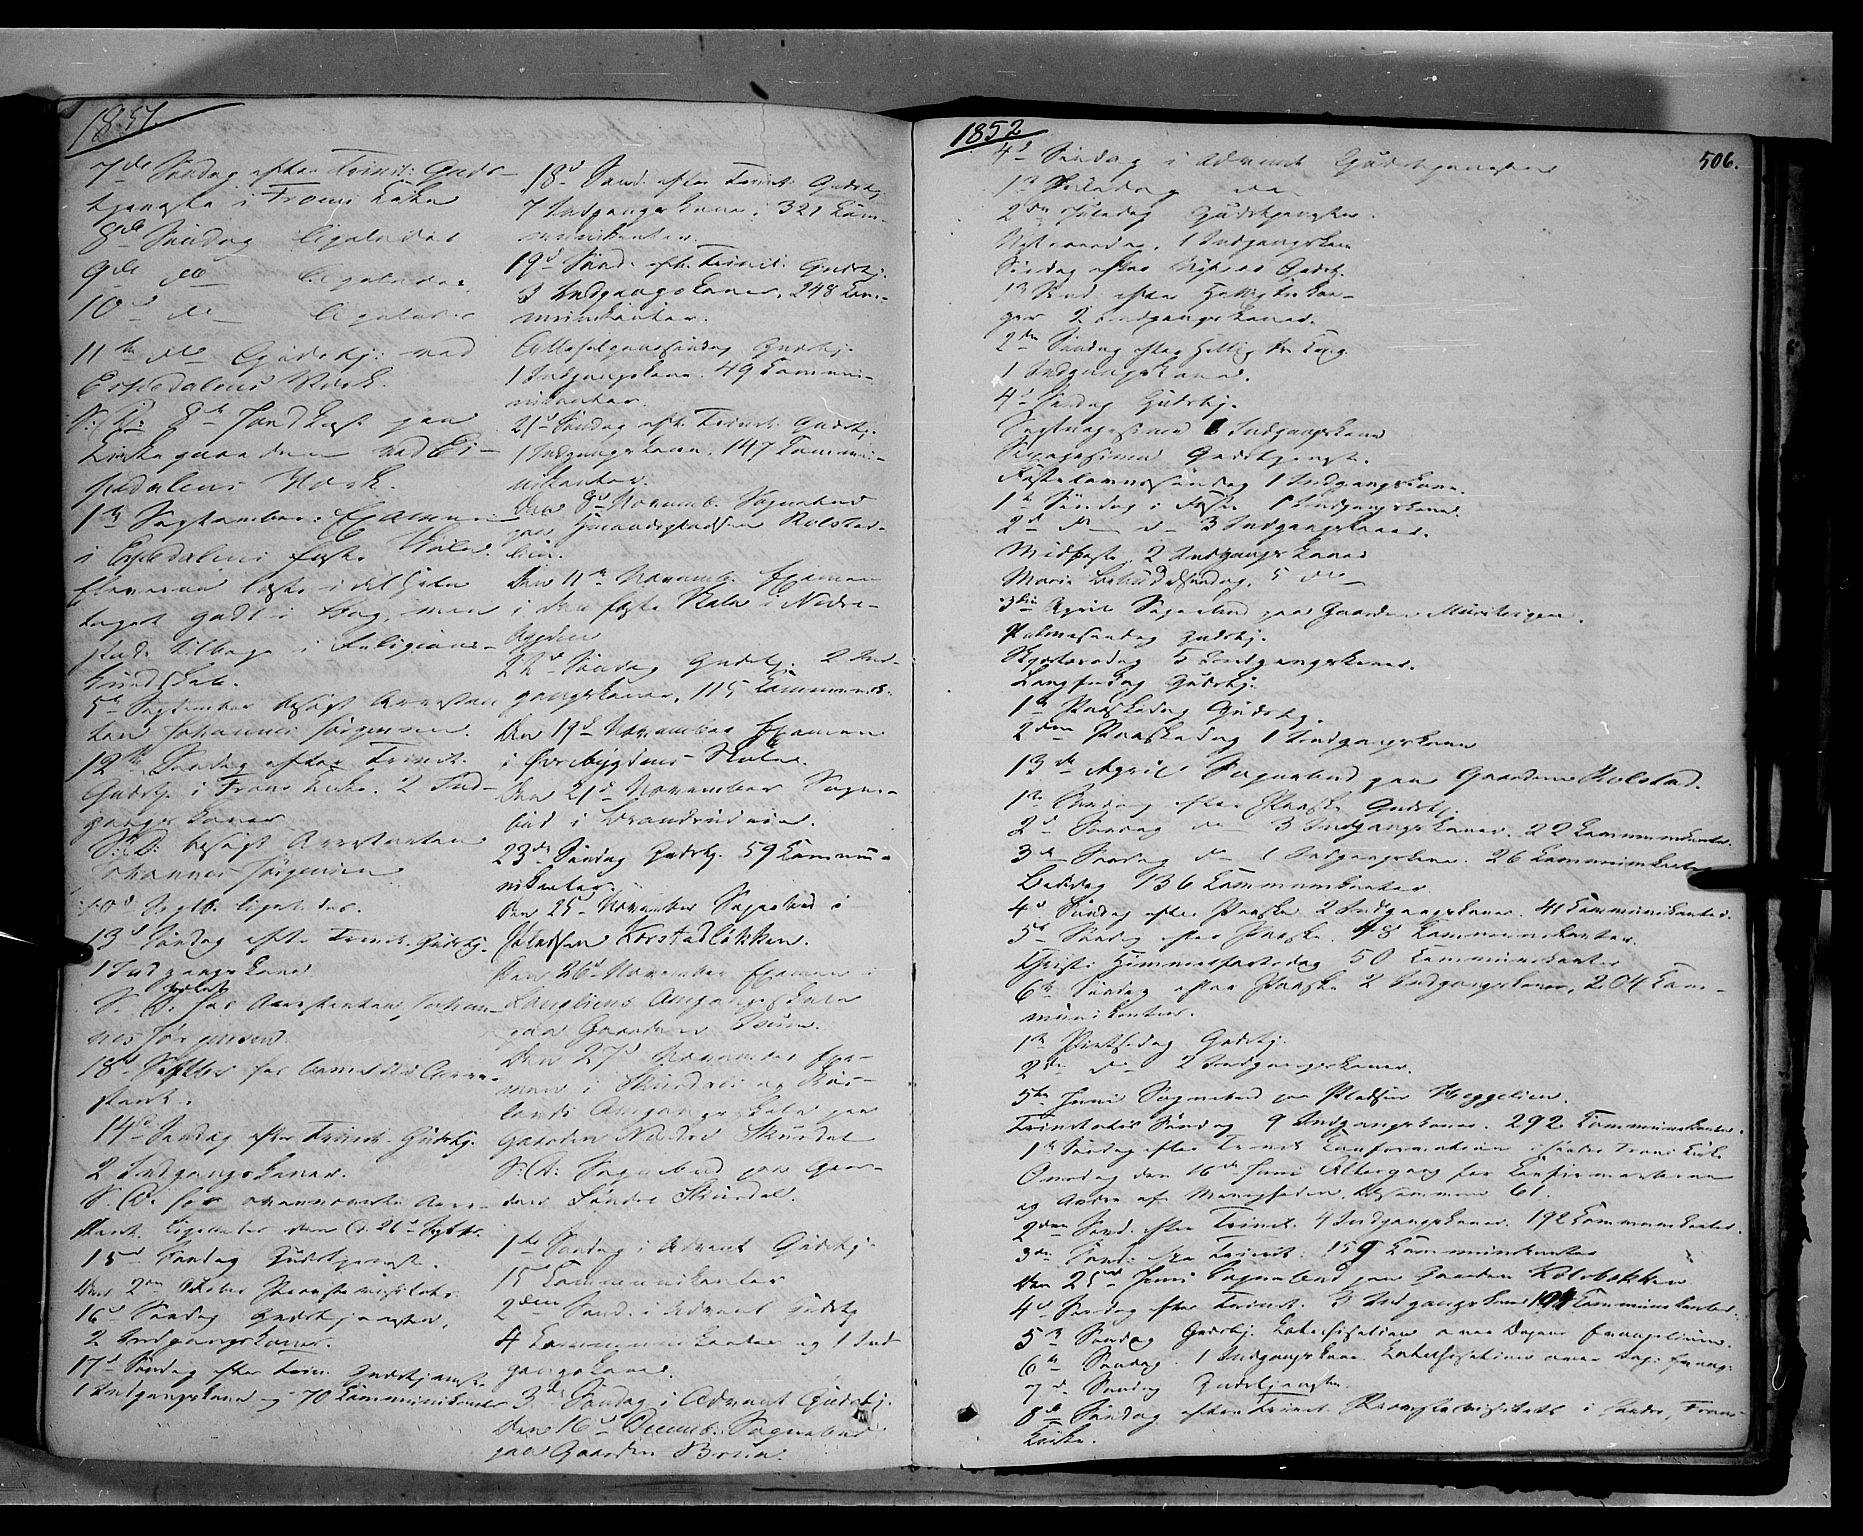 SAH, Sør-Fron prestekontor, H/Ha/Haa/L0001: Ministerialbok nr. 1, 1849-1863, s. 506